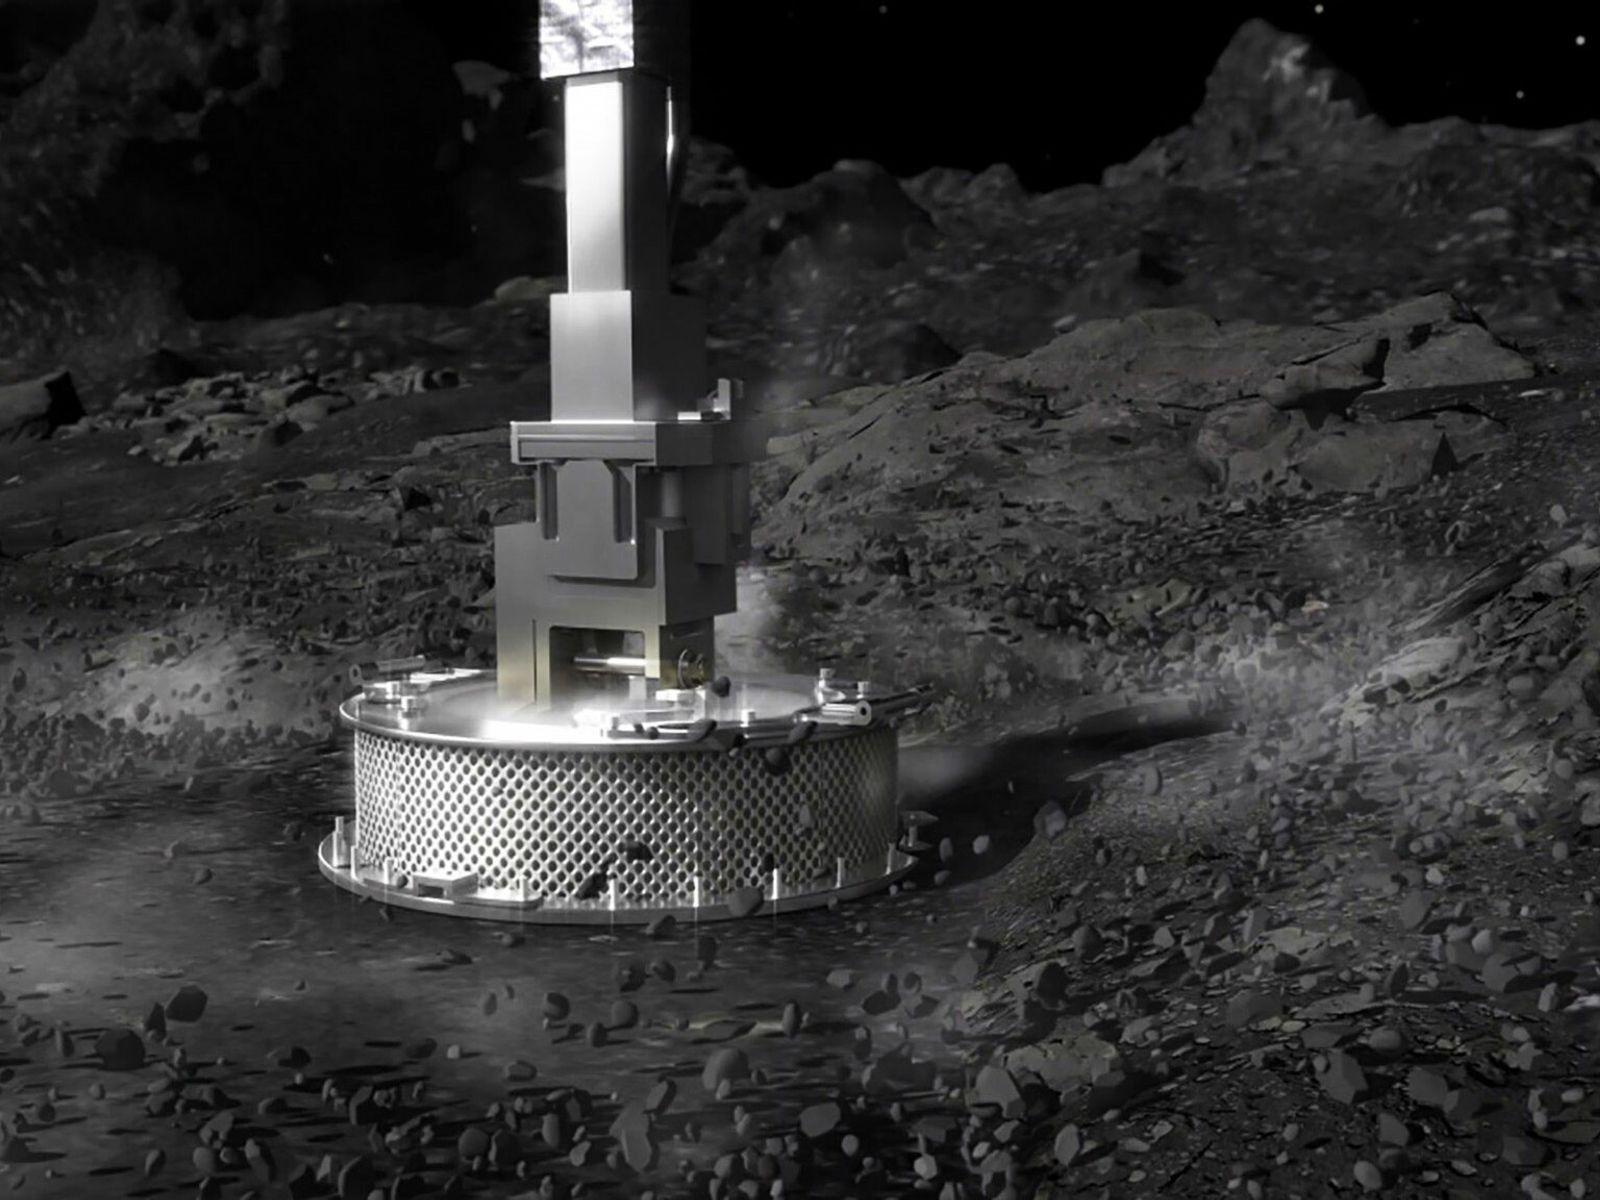 Funcionando como um aspirador invertido, o coletor de amostras da sonda OSIRIS-REx parecia estar a recolher ...